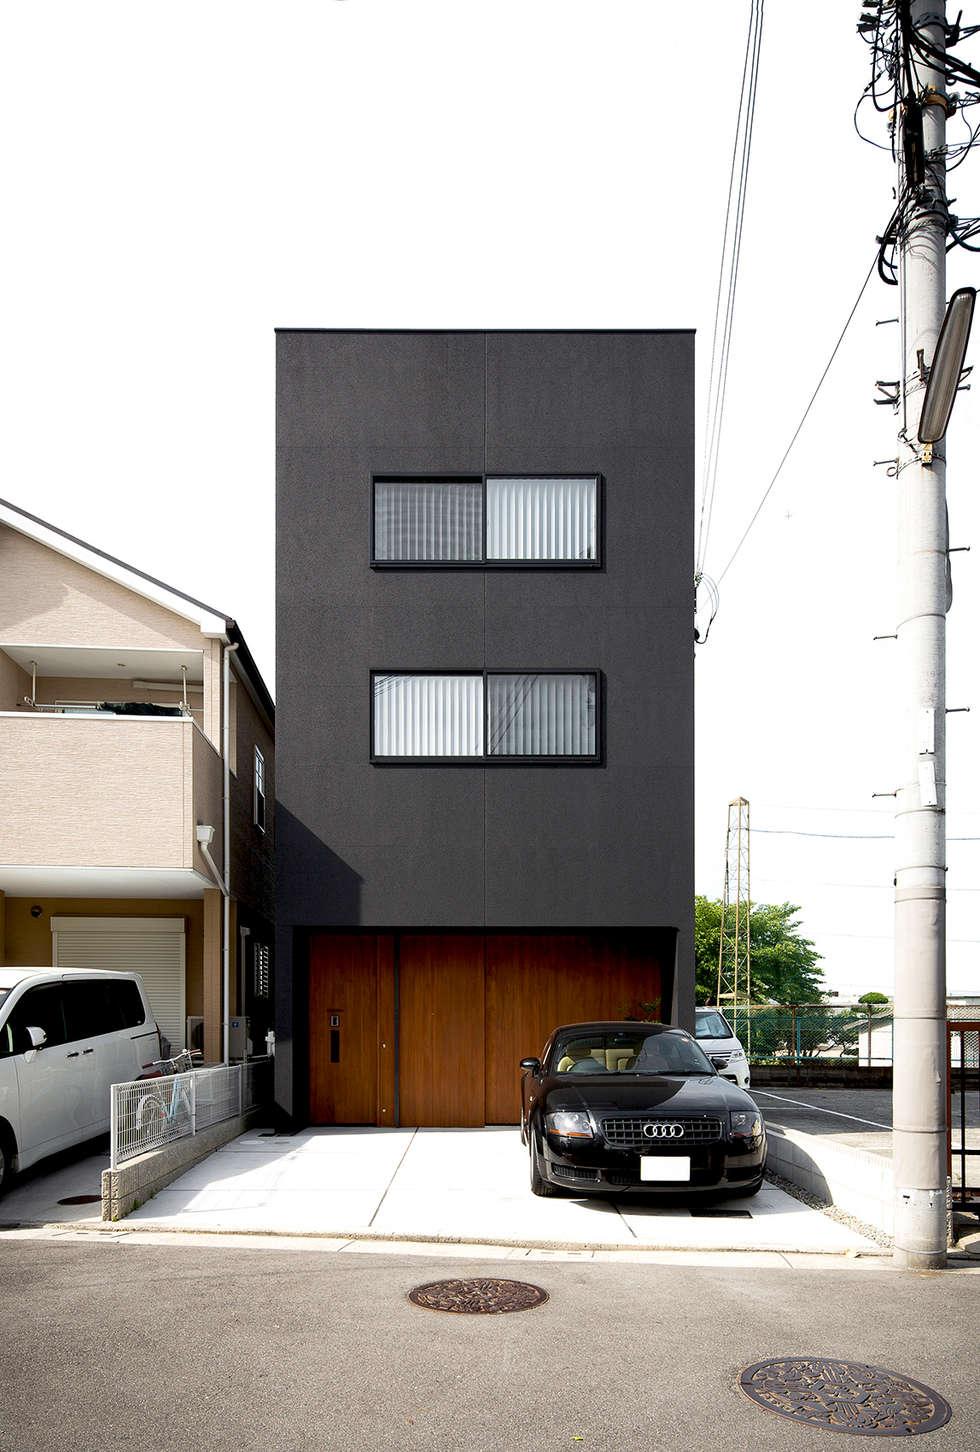 秘密基地のある家: ラブデザインホームズ/LOVE DESIGN HOMESが手掛けた一戸建て住宅です。